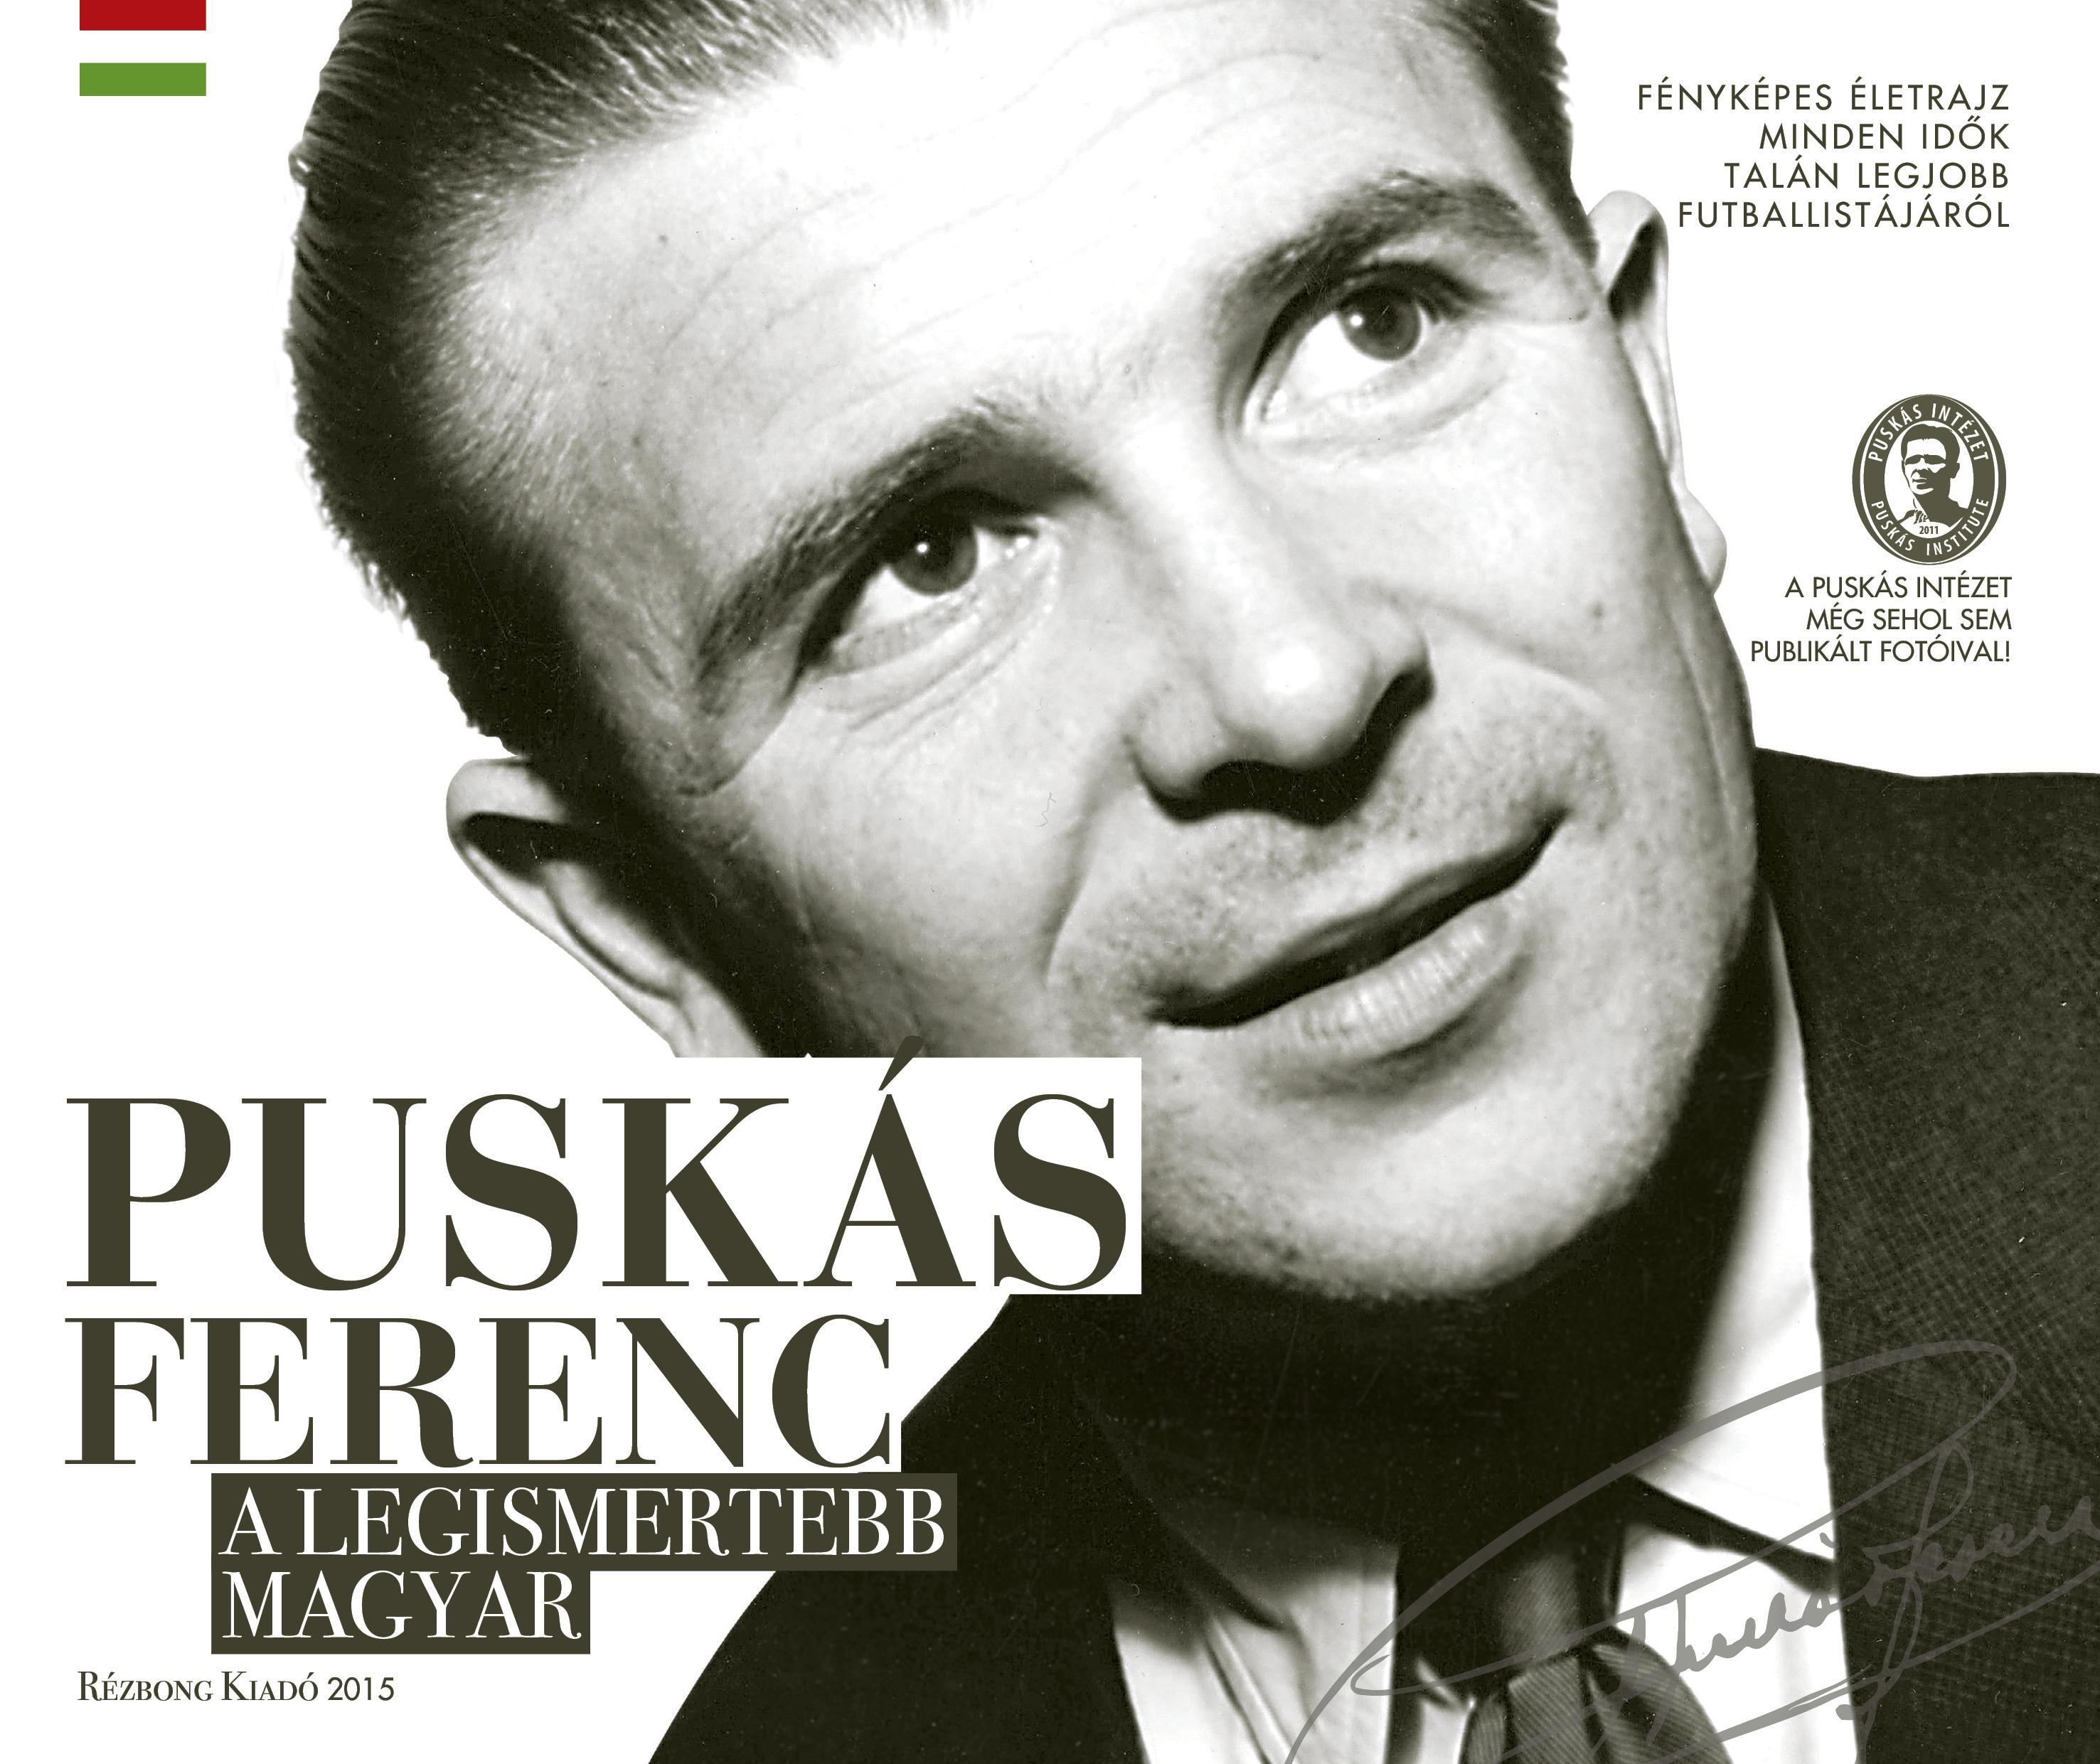 PUSKÁS FERENC - A LEGISMERTEBB MAGYAR